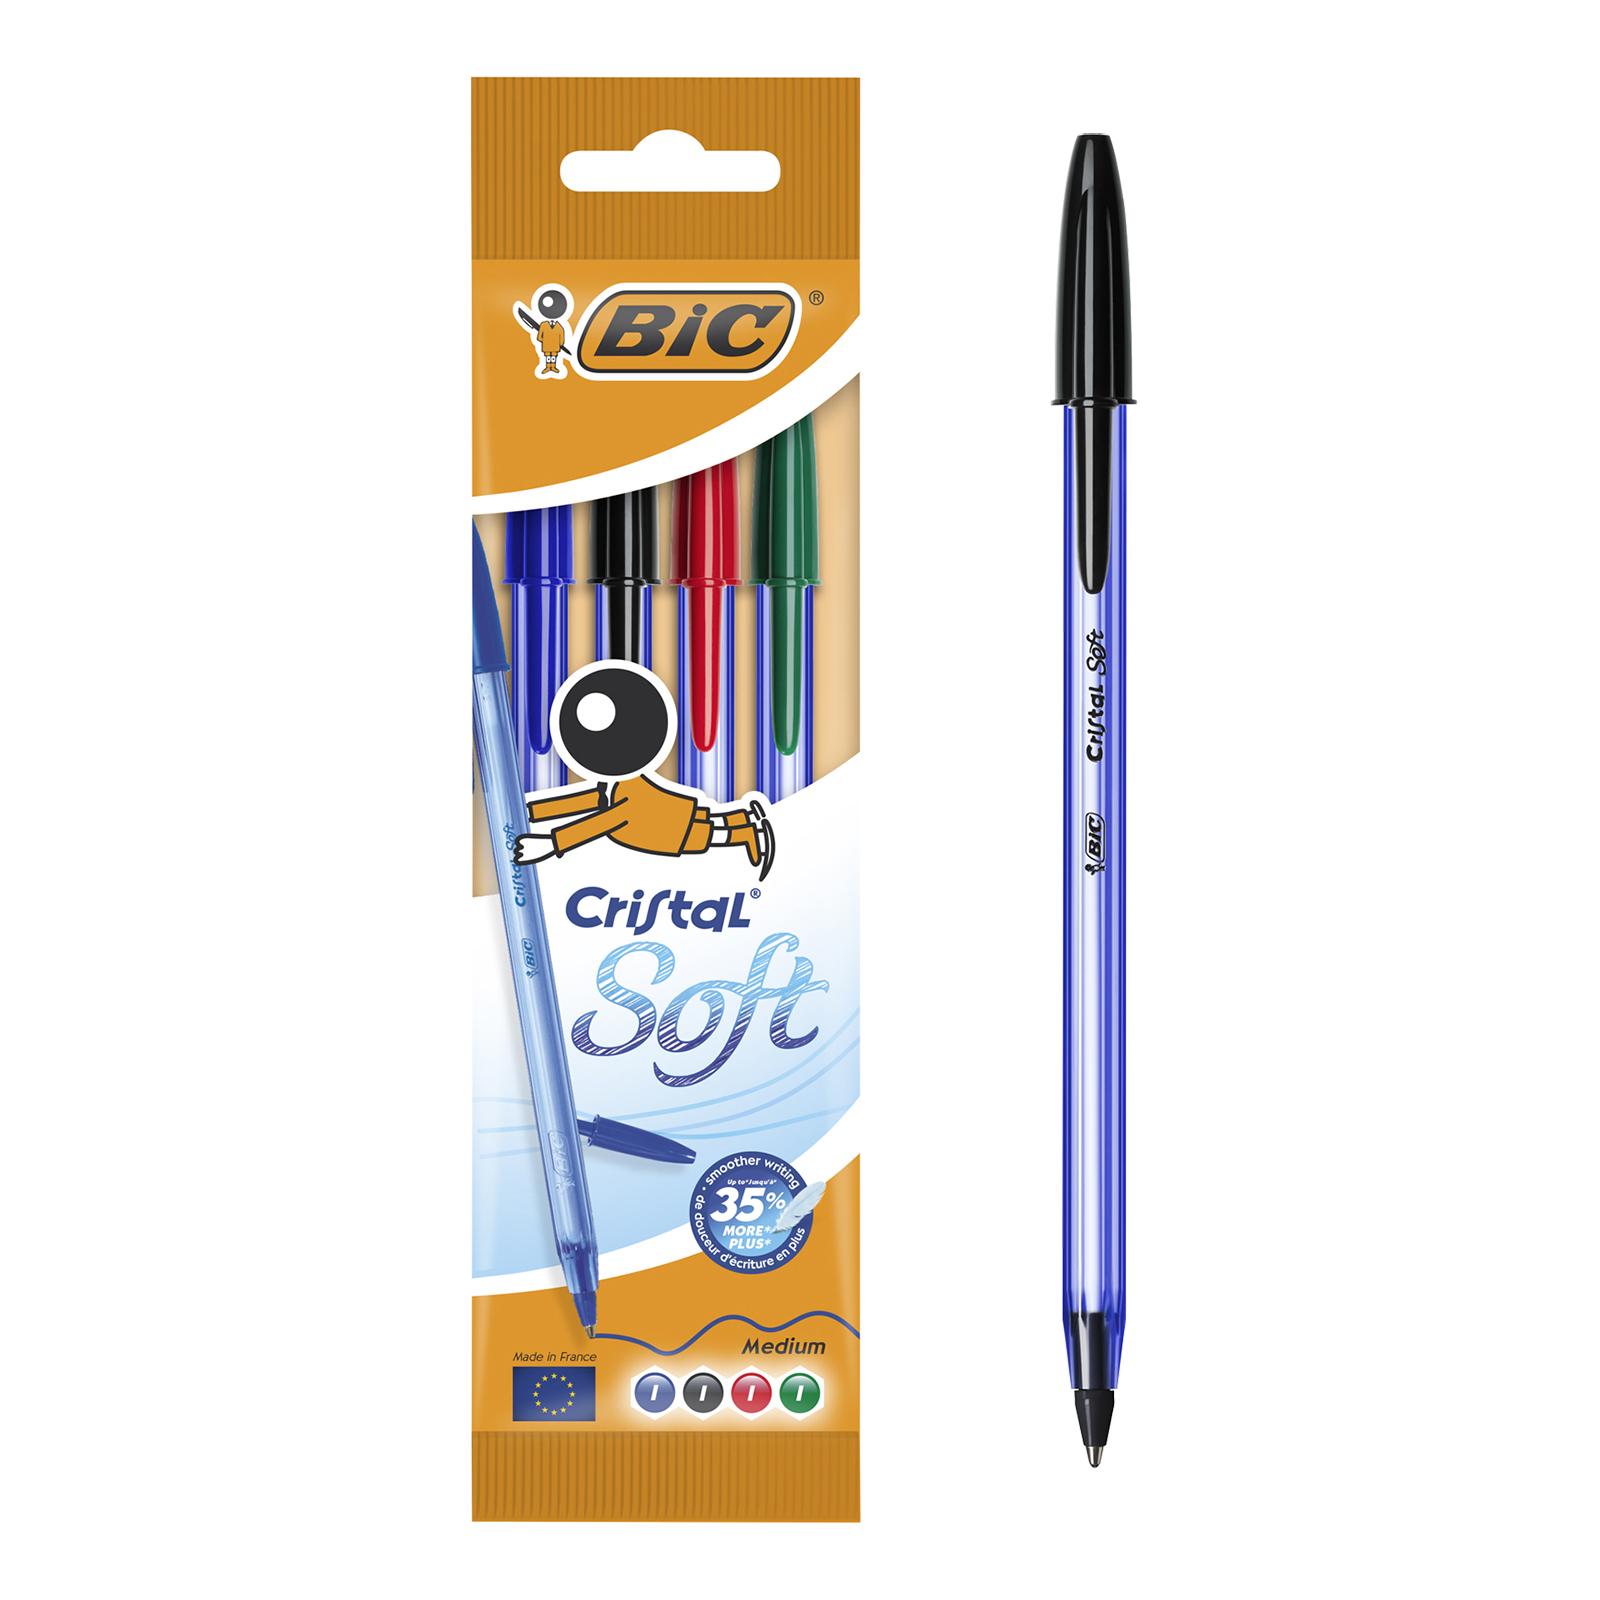 BIC Cristal SOFT - 4 Stylos à bille - noir, rouge, bleu, vert - 1.2 mm